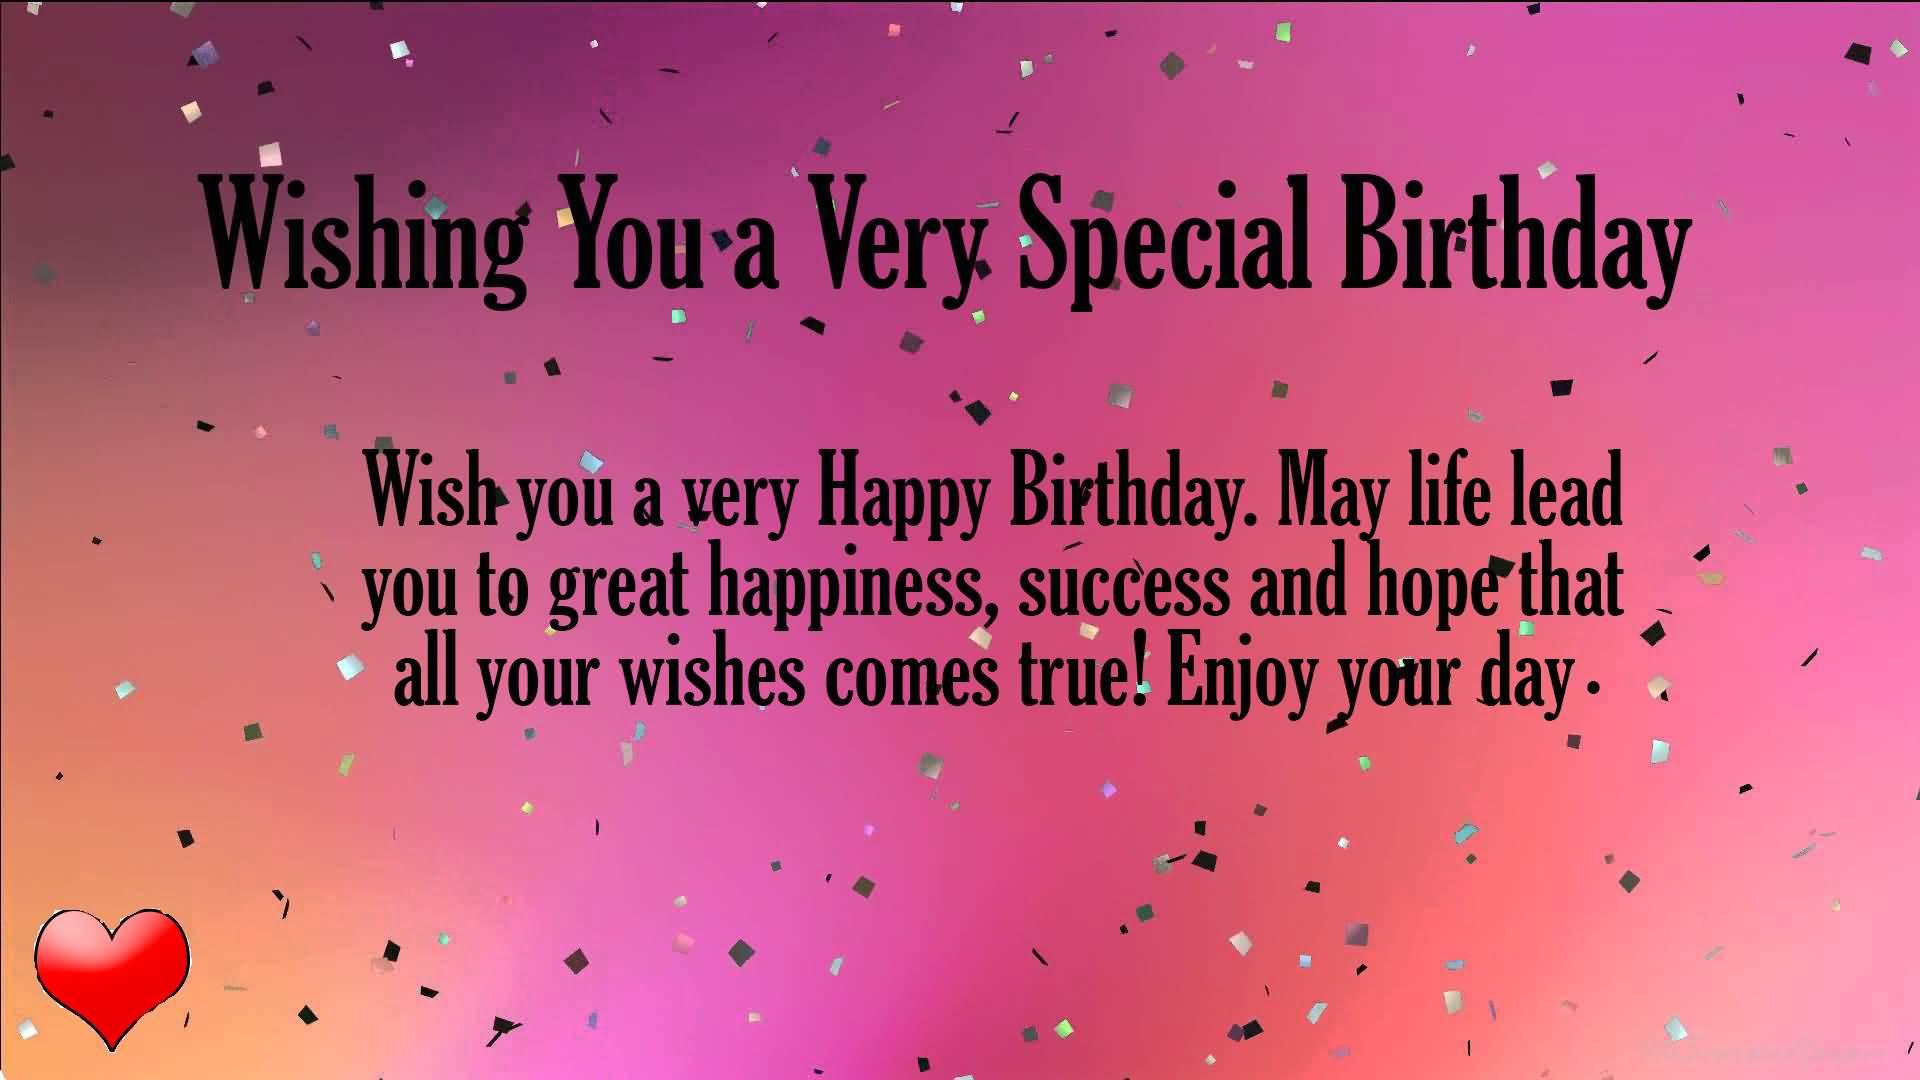 23 best friend birthday